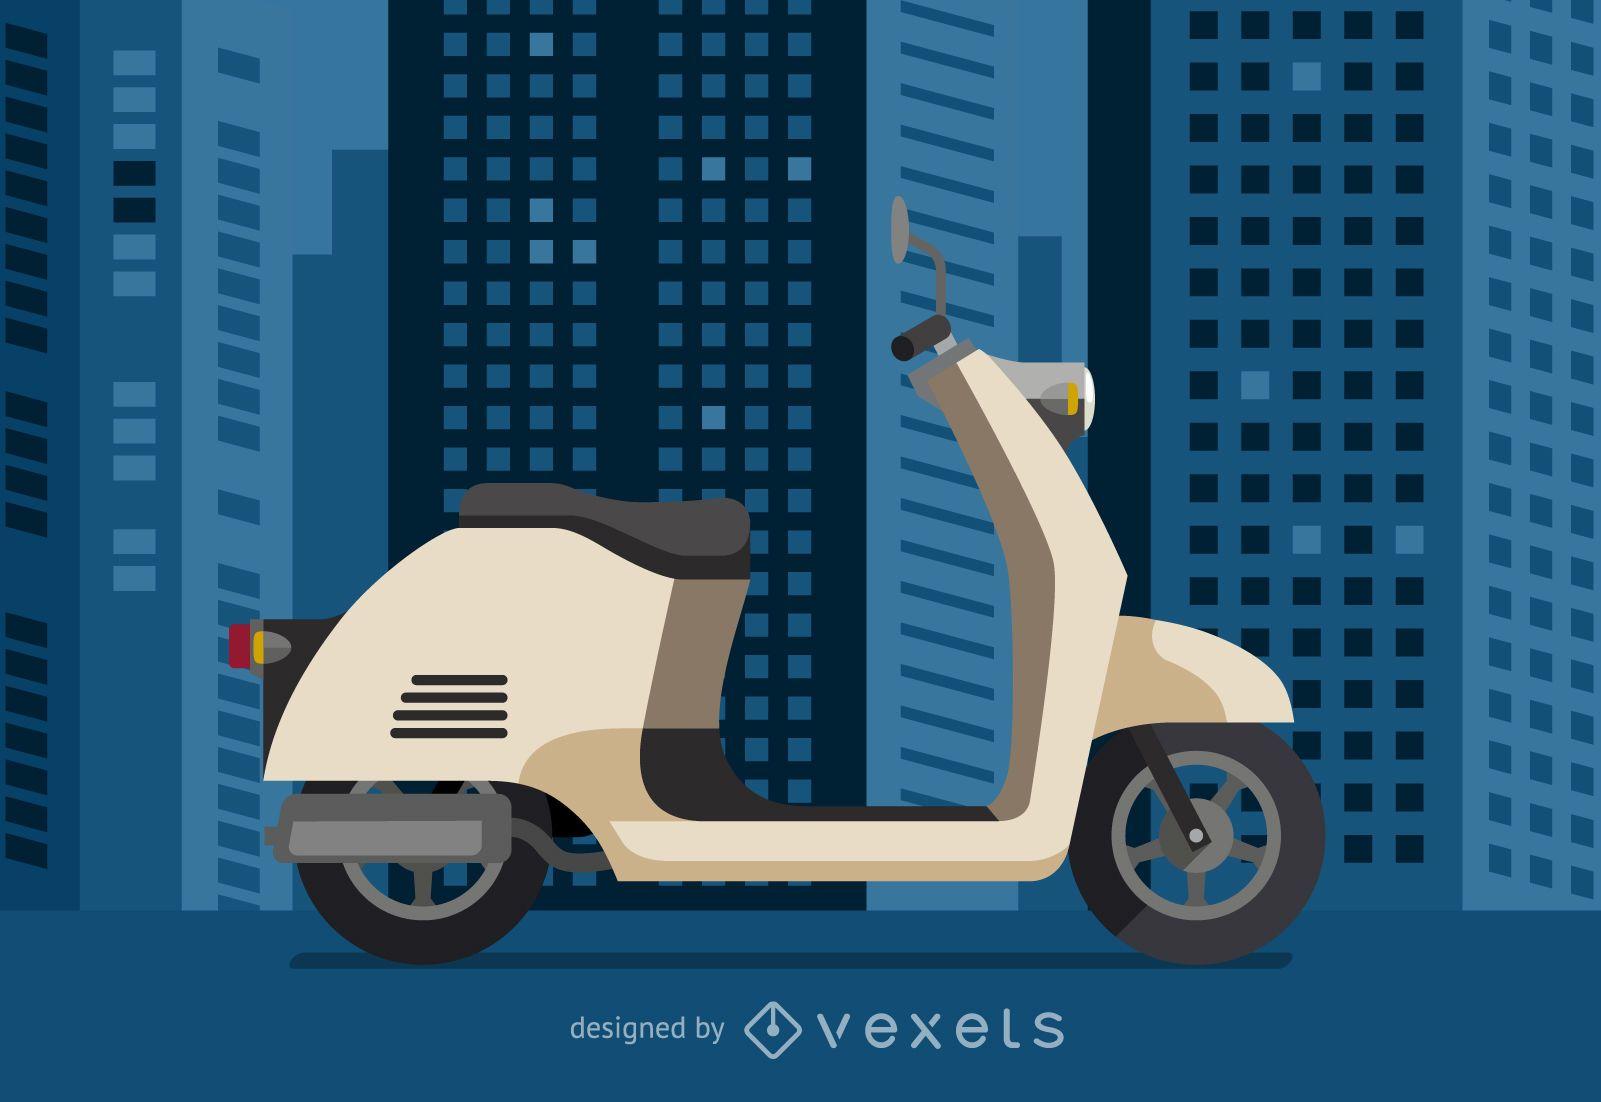 Ilustración de vehículo scooter